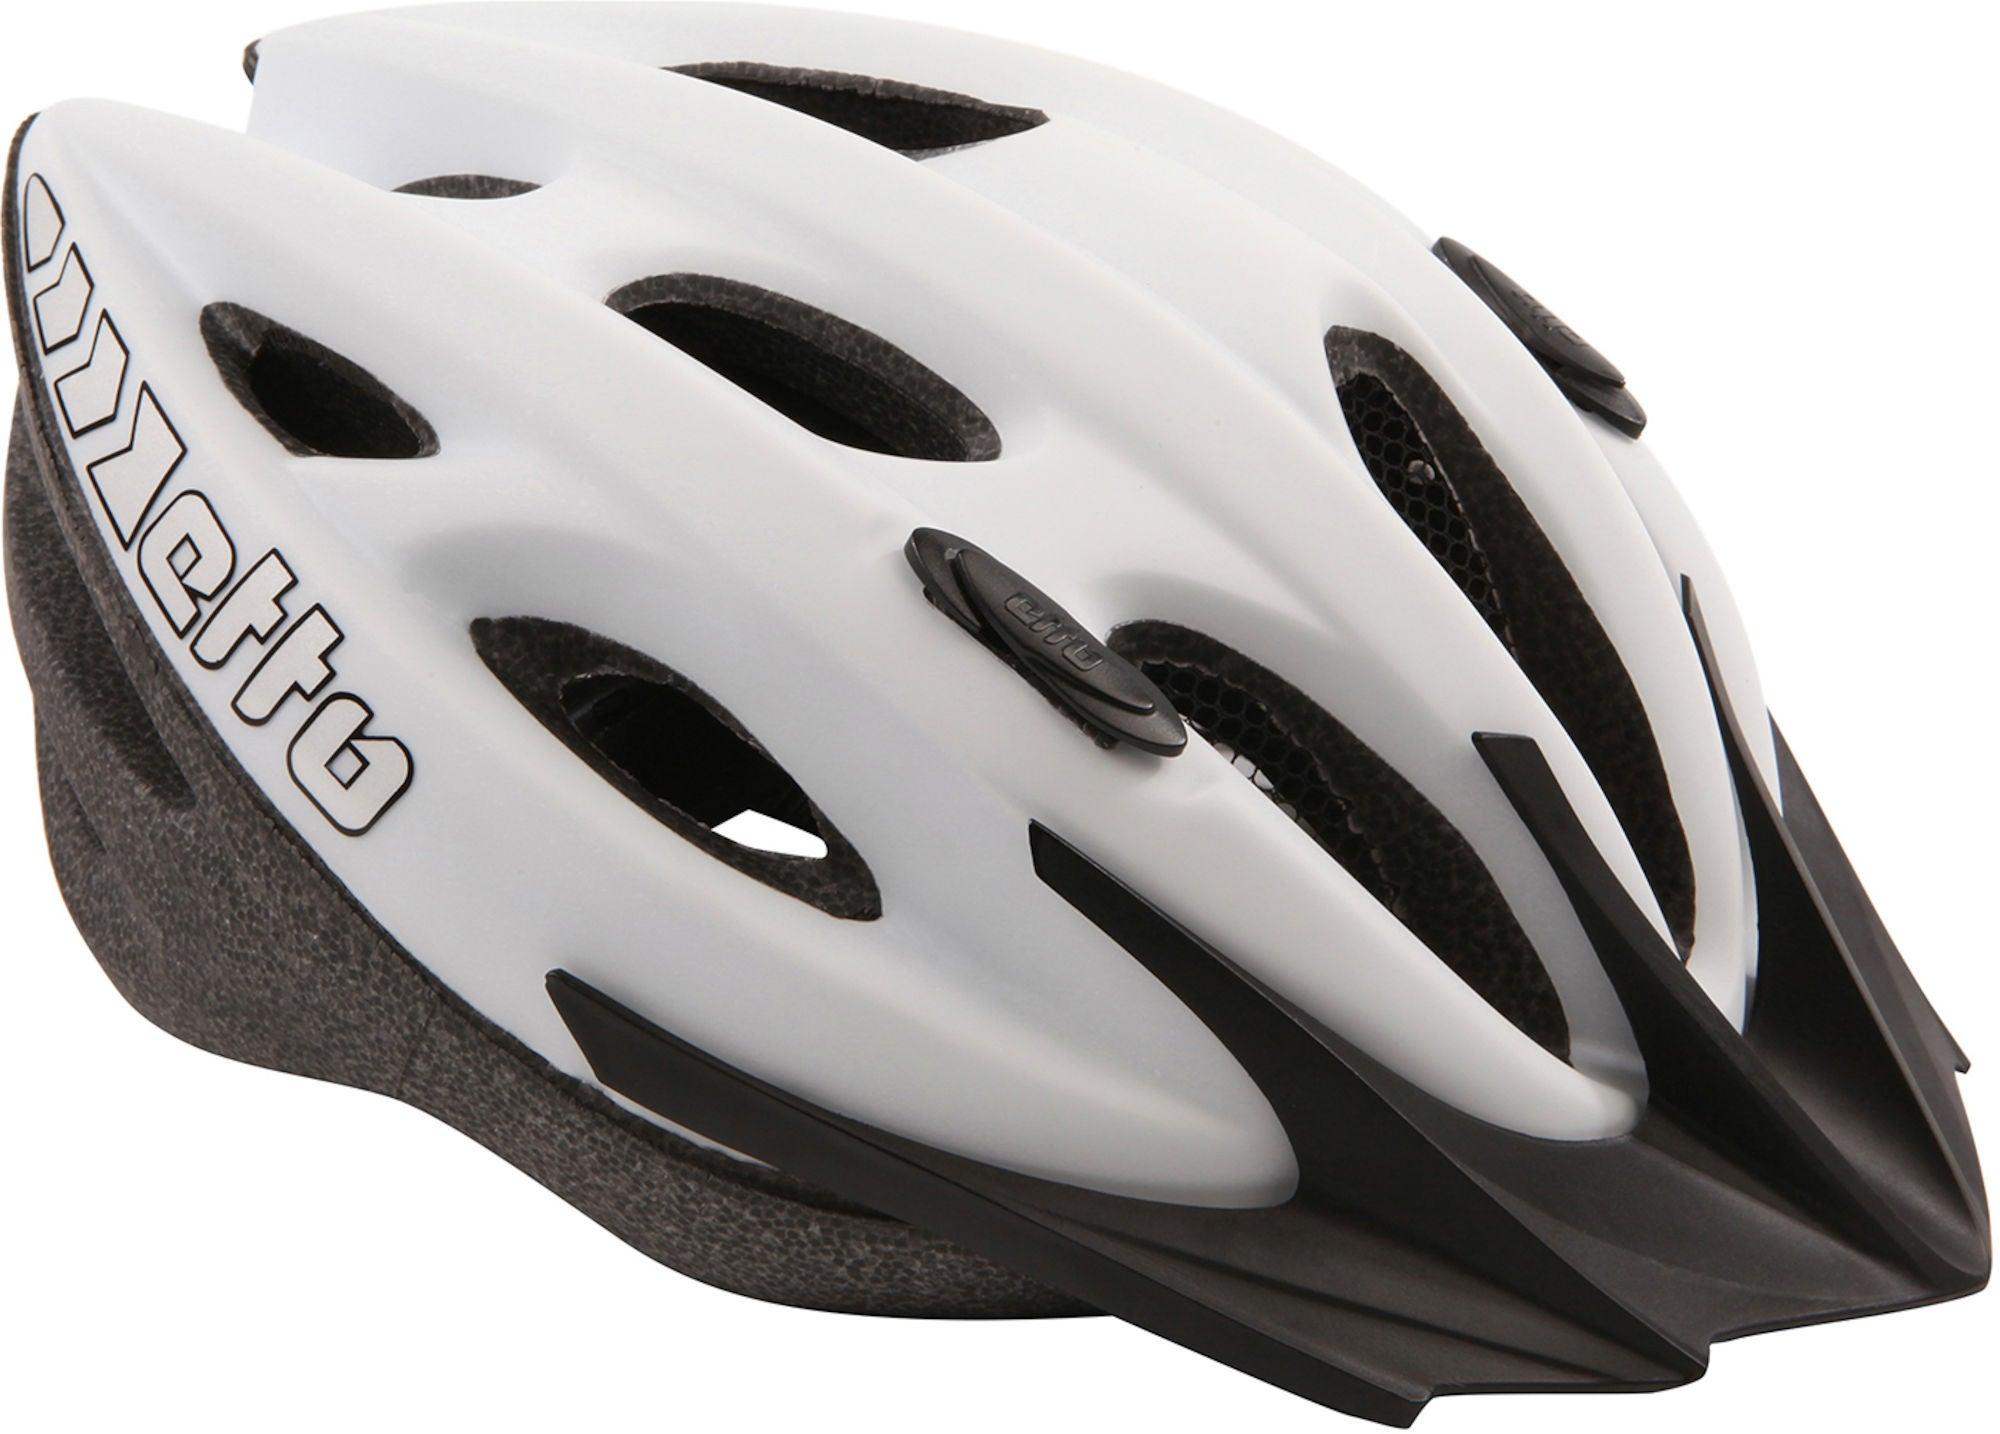 Etto Zero + Cykelhjelm, White Matt | Helmets